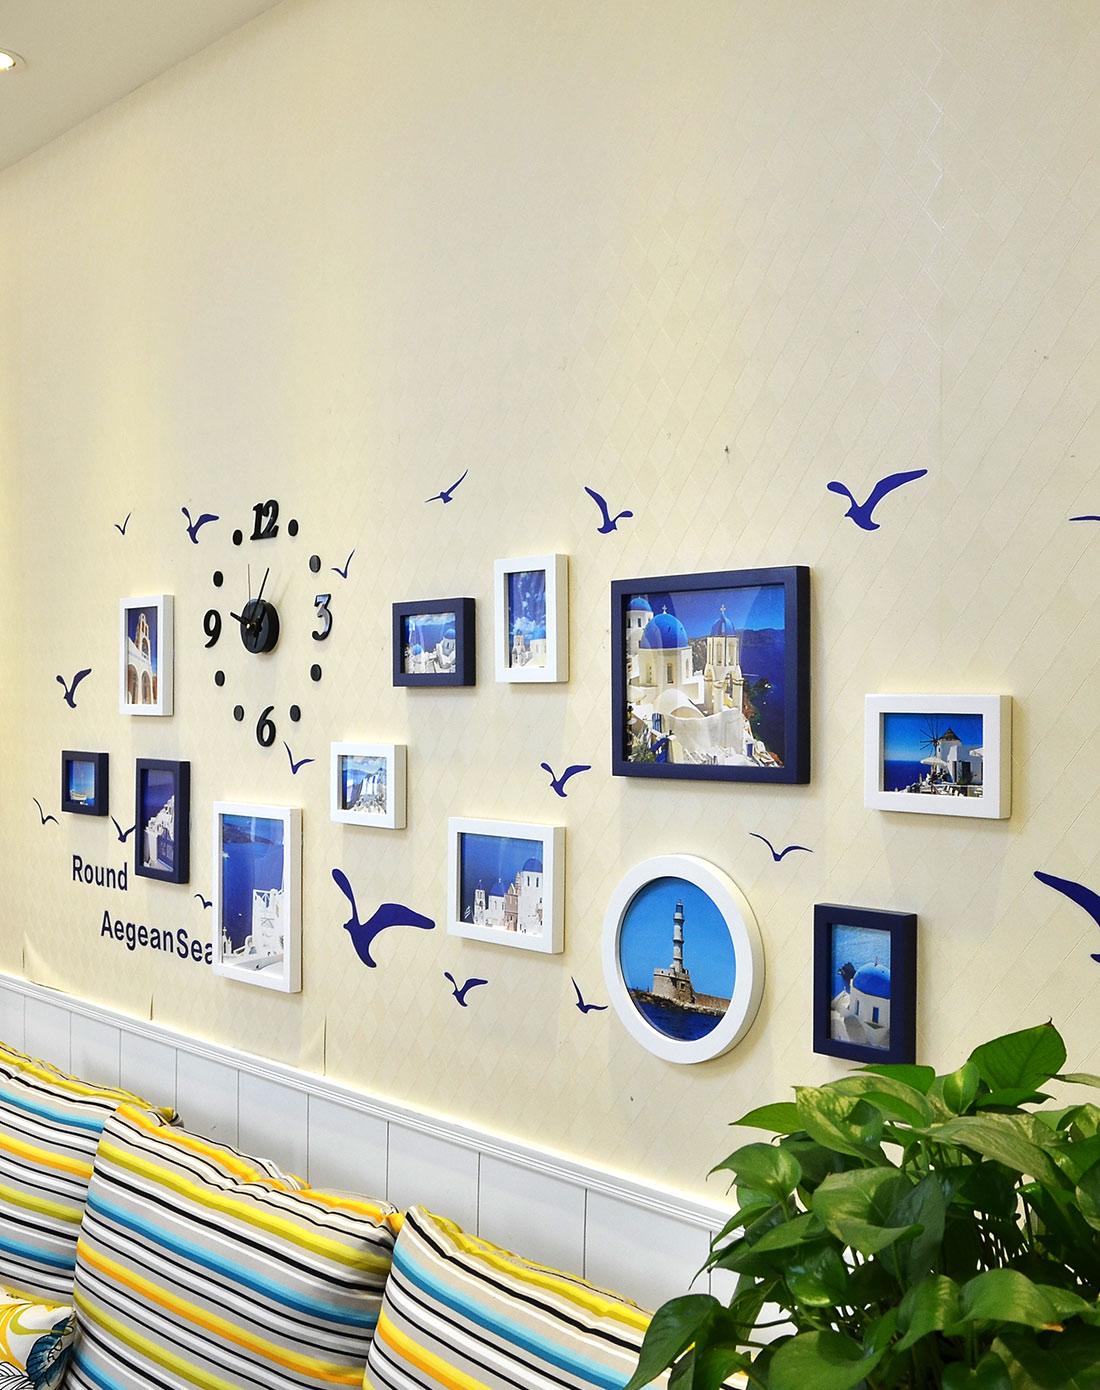 12框地中海系列钟表照片墙墙贴组合